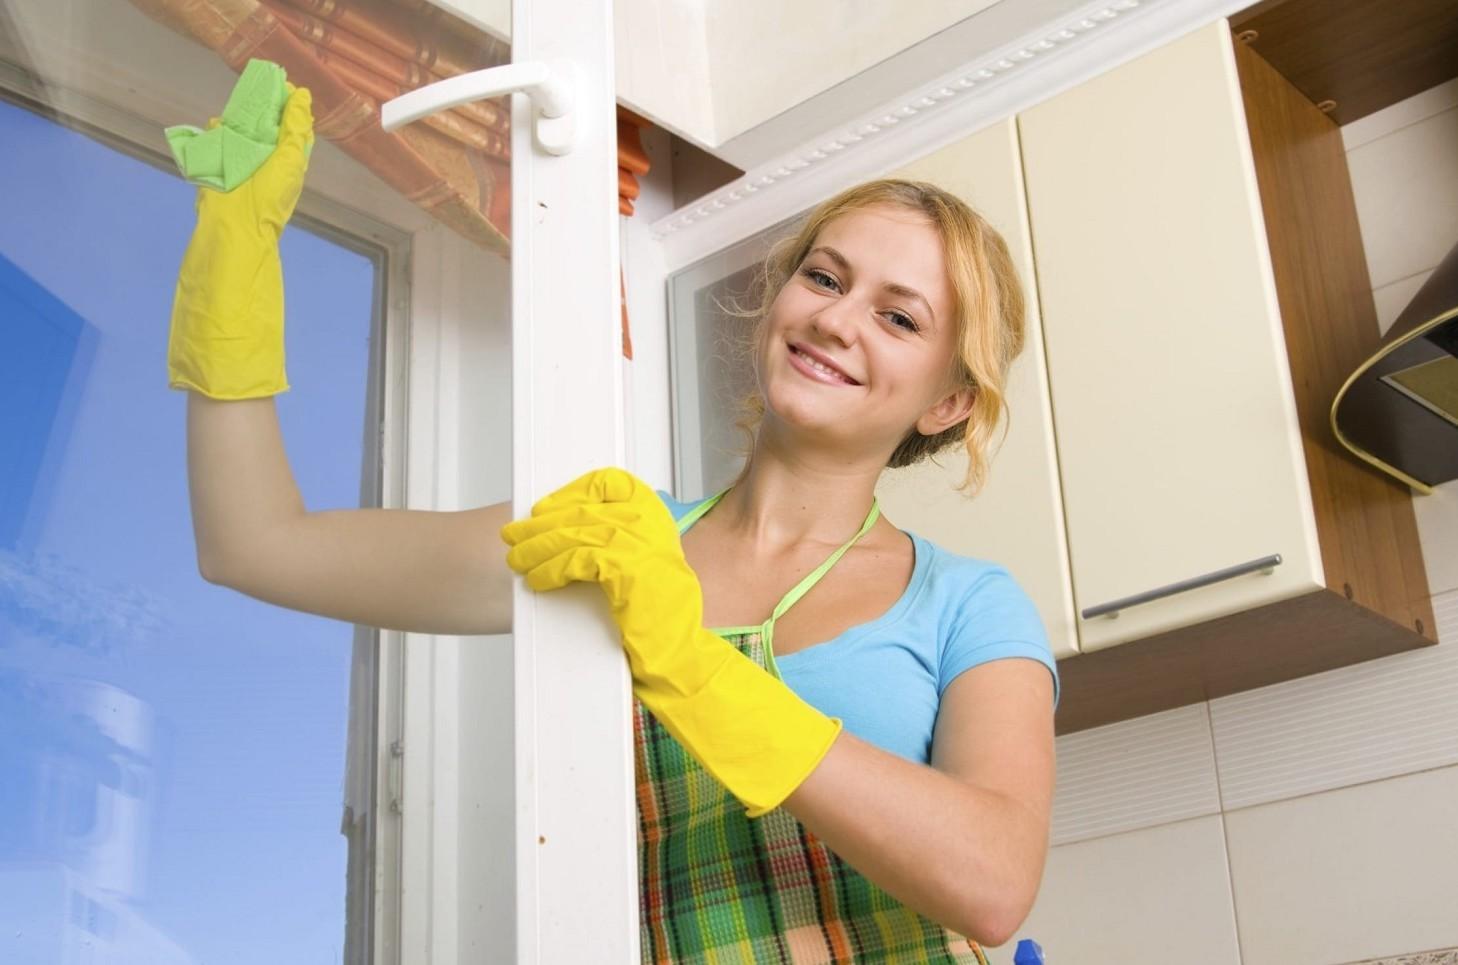 Riparazioni e pulizie obbligatorie o no a fine affitto pure se previste in contratto